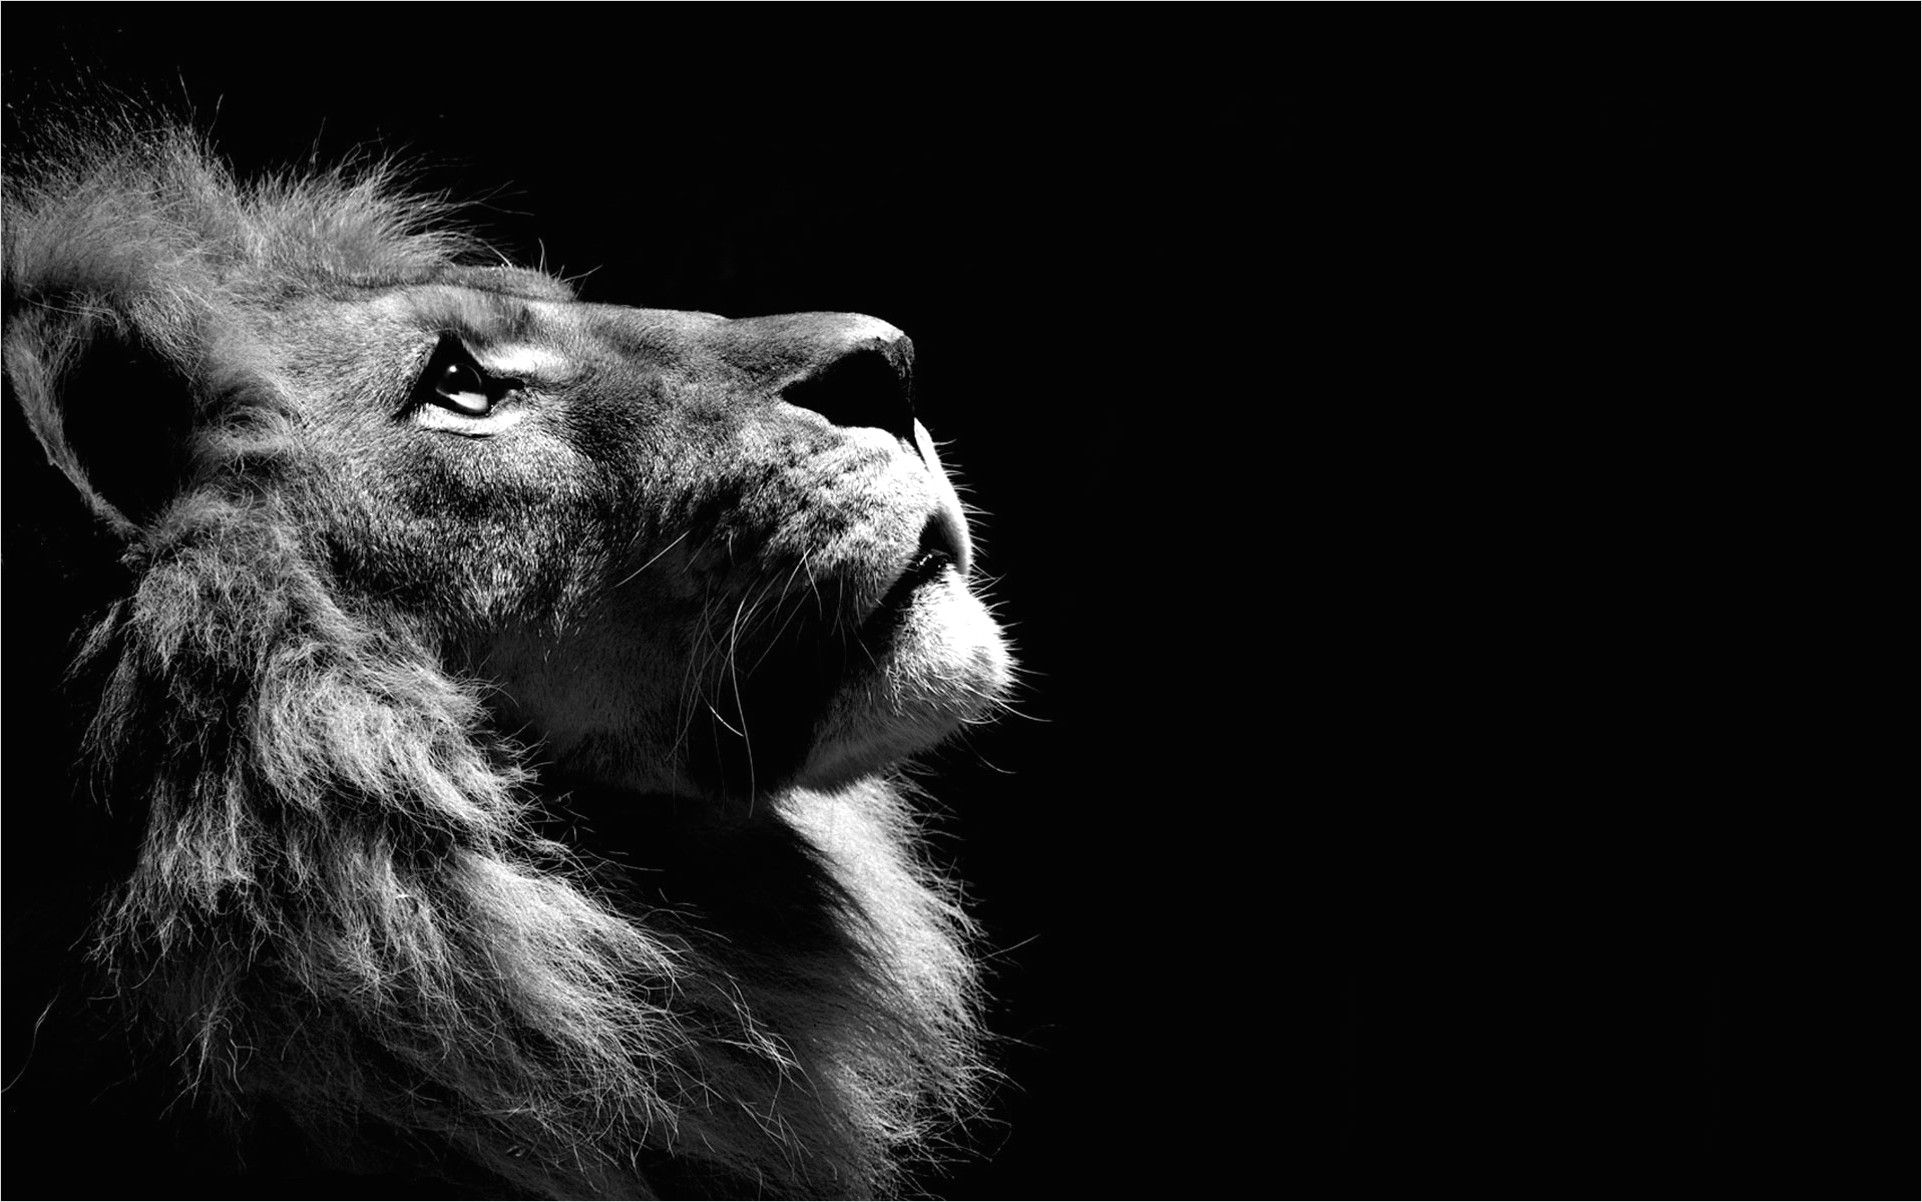 Black Lion 4k Wallpaper In 2020 Background Hd Wallpaper Lion Wallpaper Lion Pictures